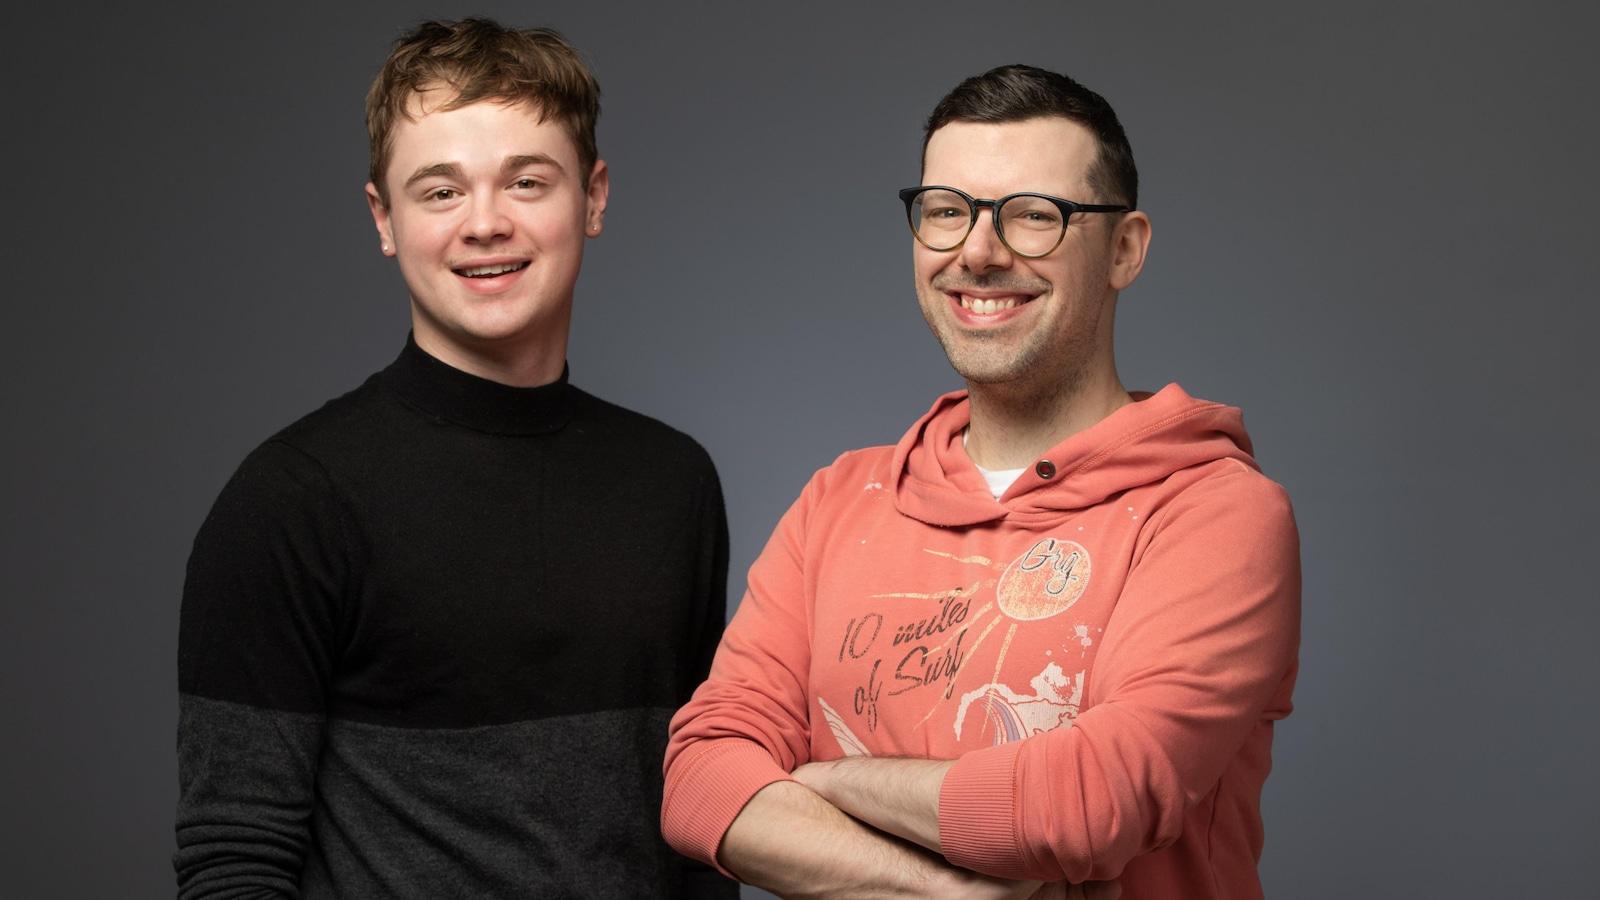 Les deux hommes sont côte à côte.